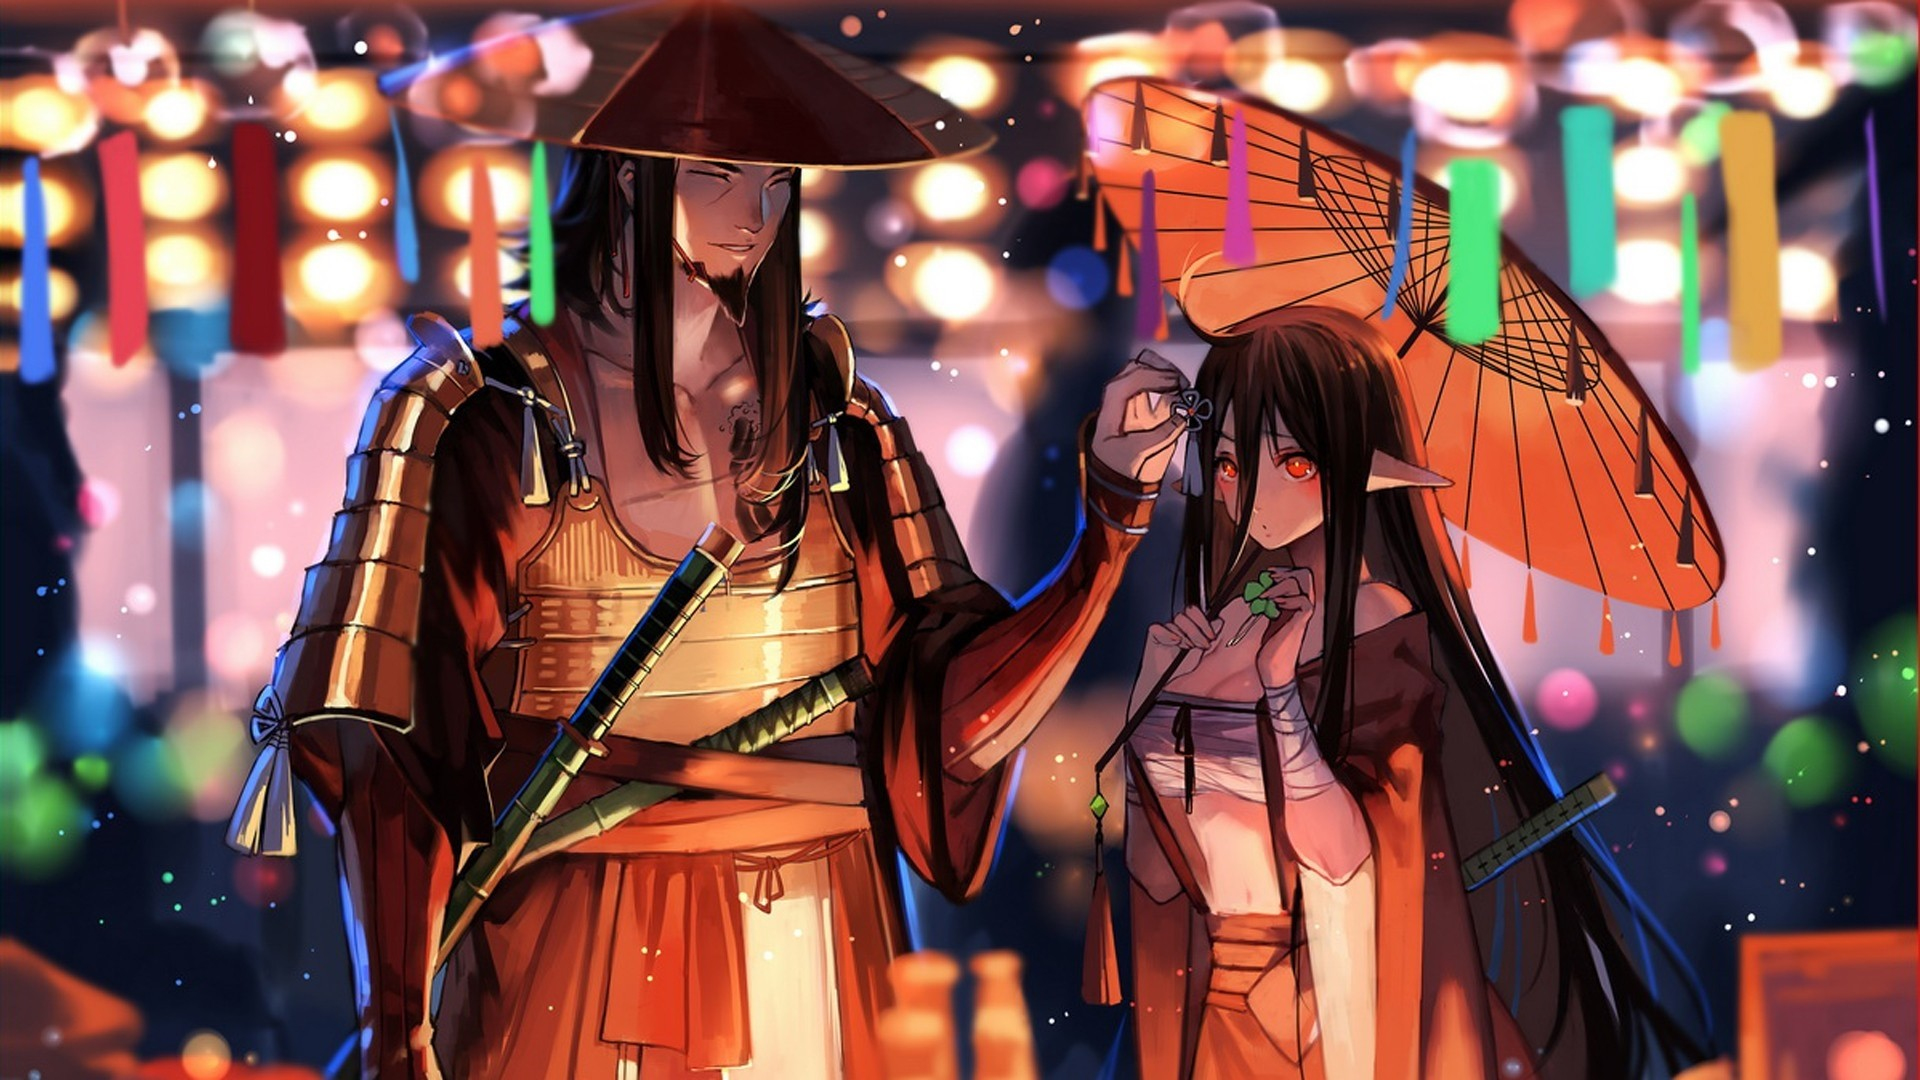 Anime Fanart hd wallpaper download